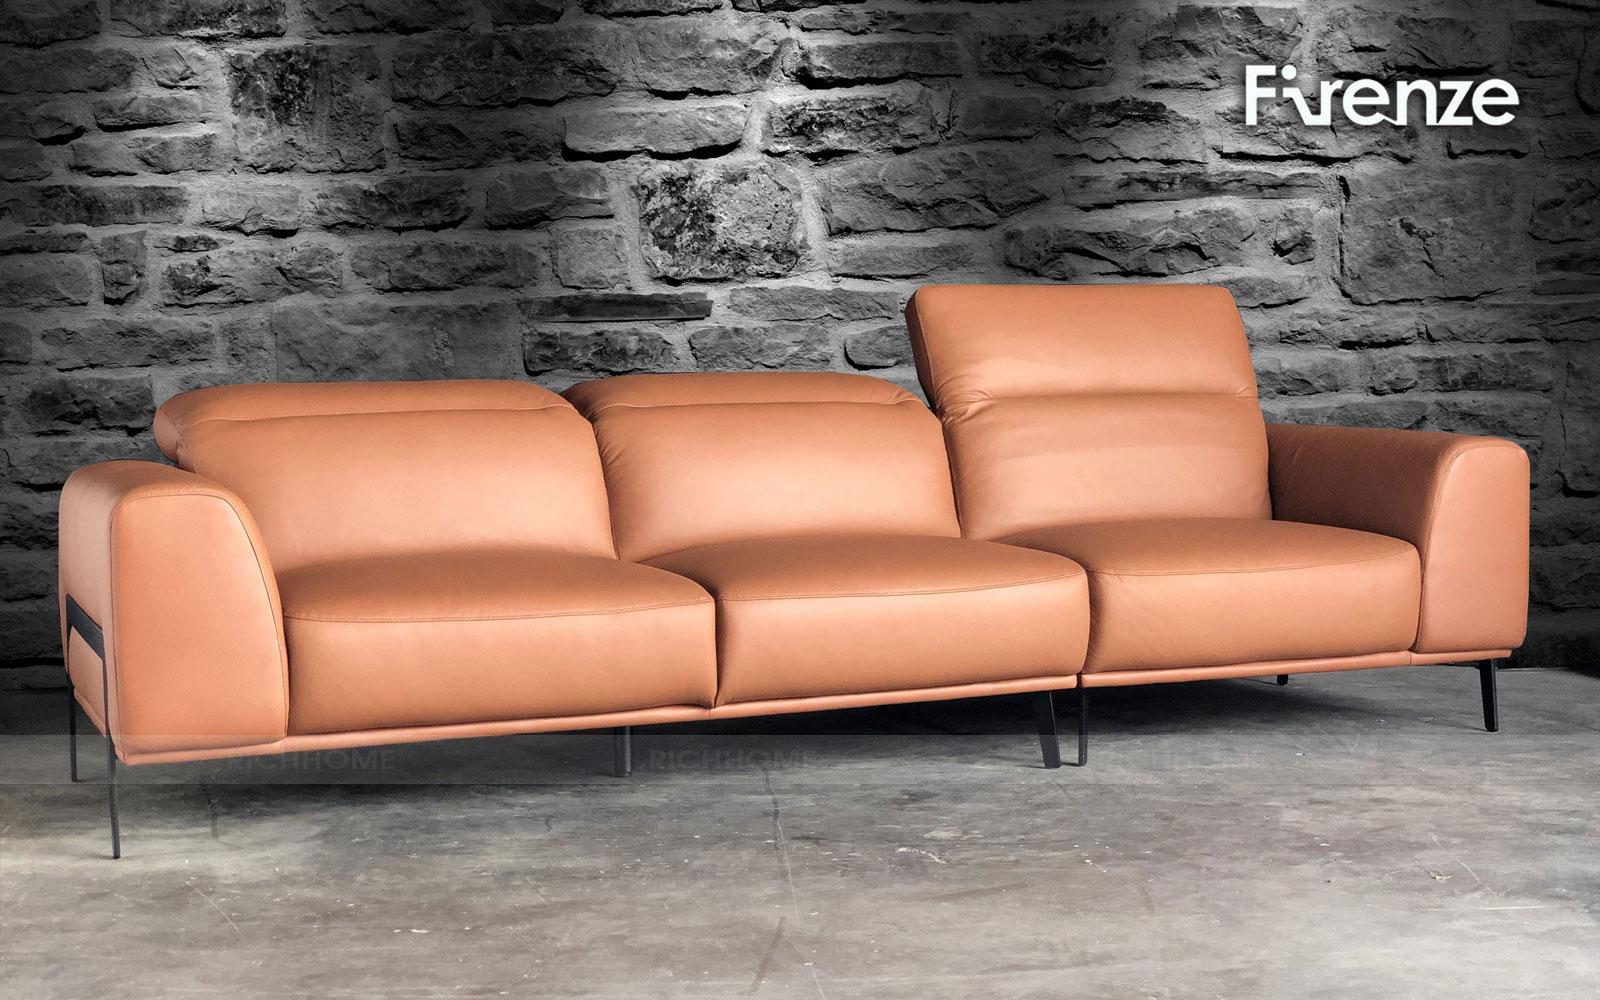 SOFA DA BÒ - FIRENZE MODEL 8509-3